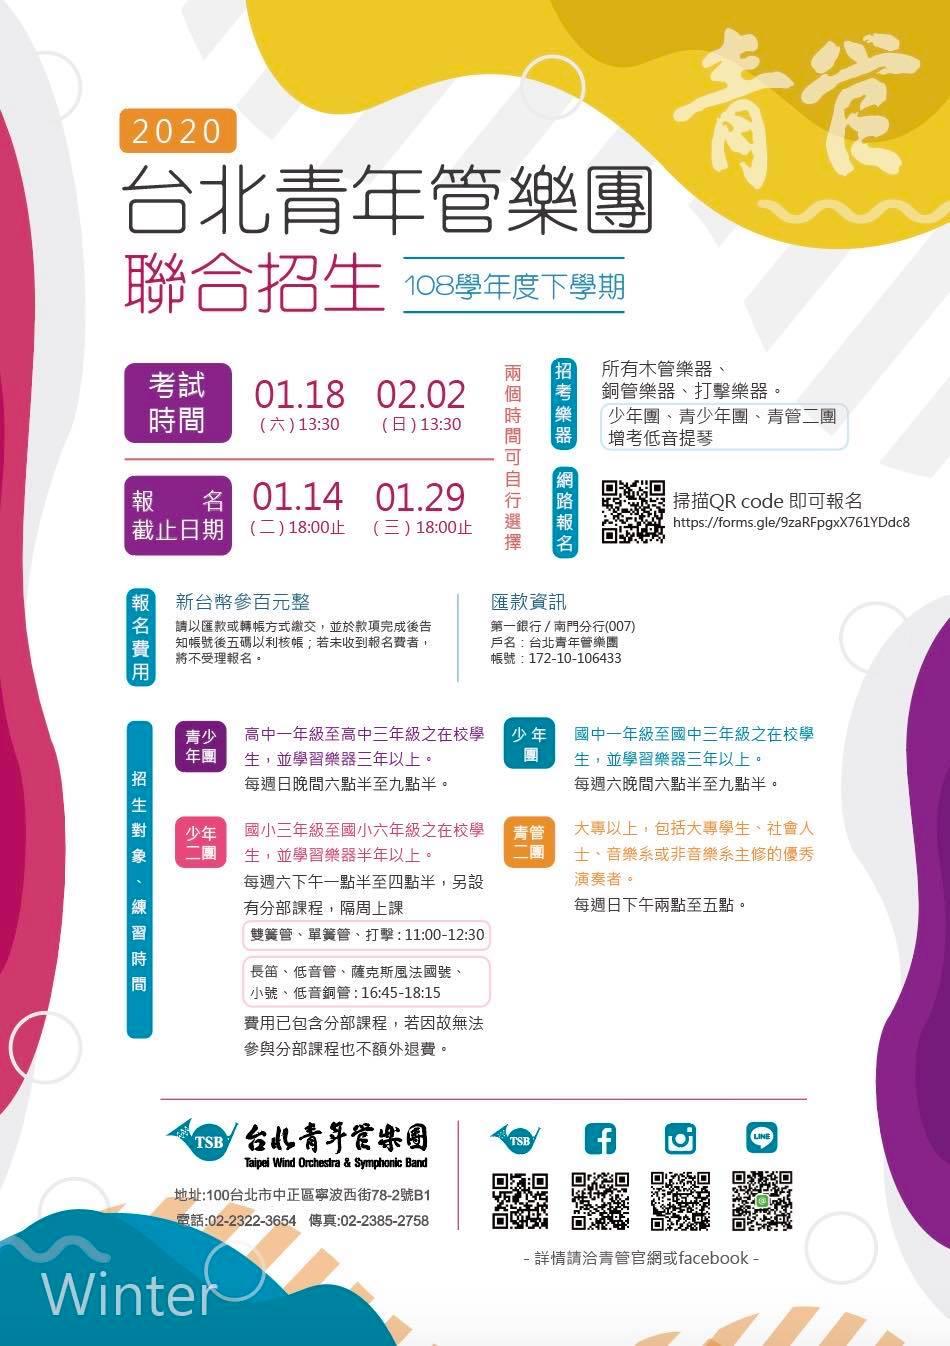 【公告】台北青管108學年度下學期附屬團隊招生資訊